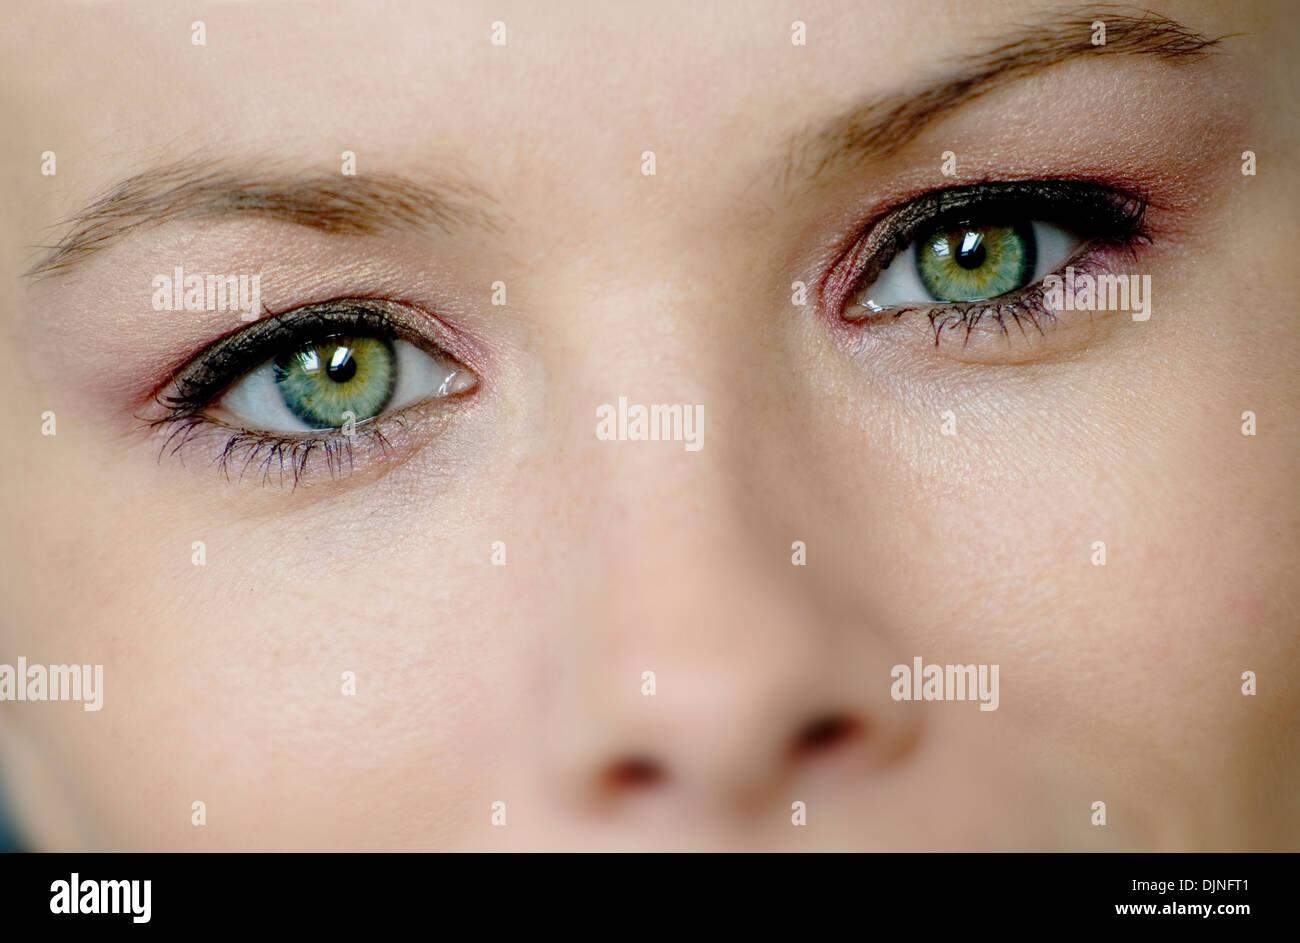 Natural Light Eyes Close Up